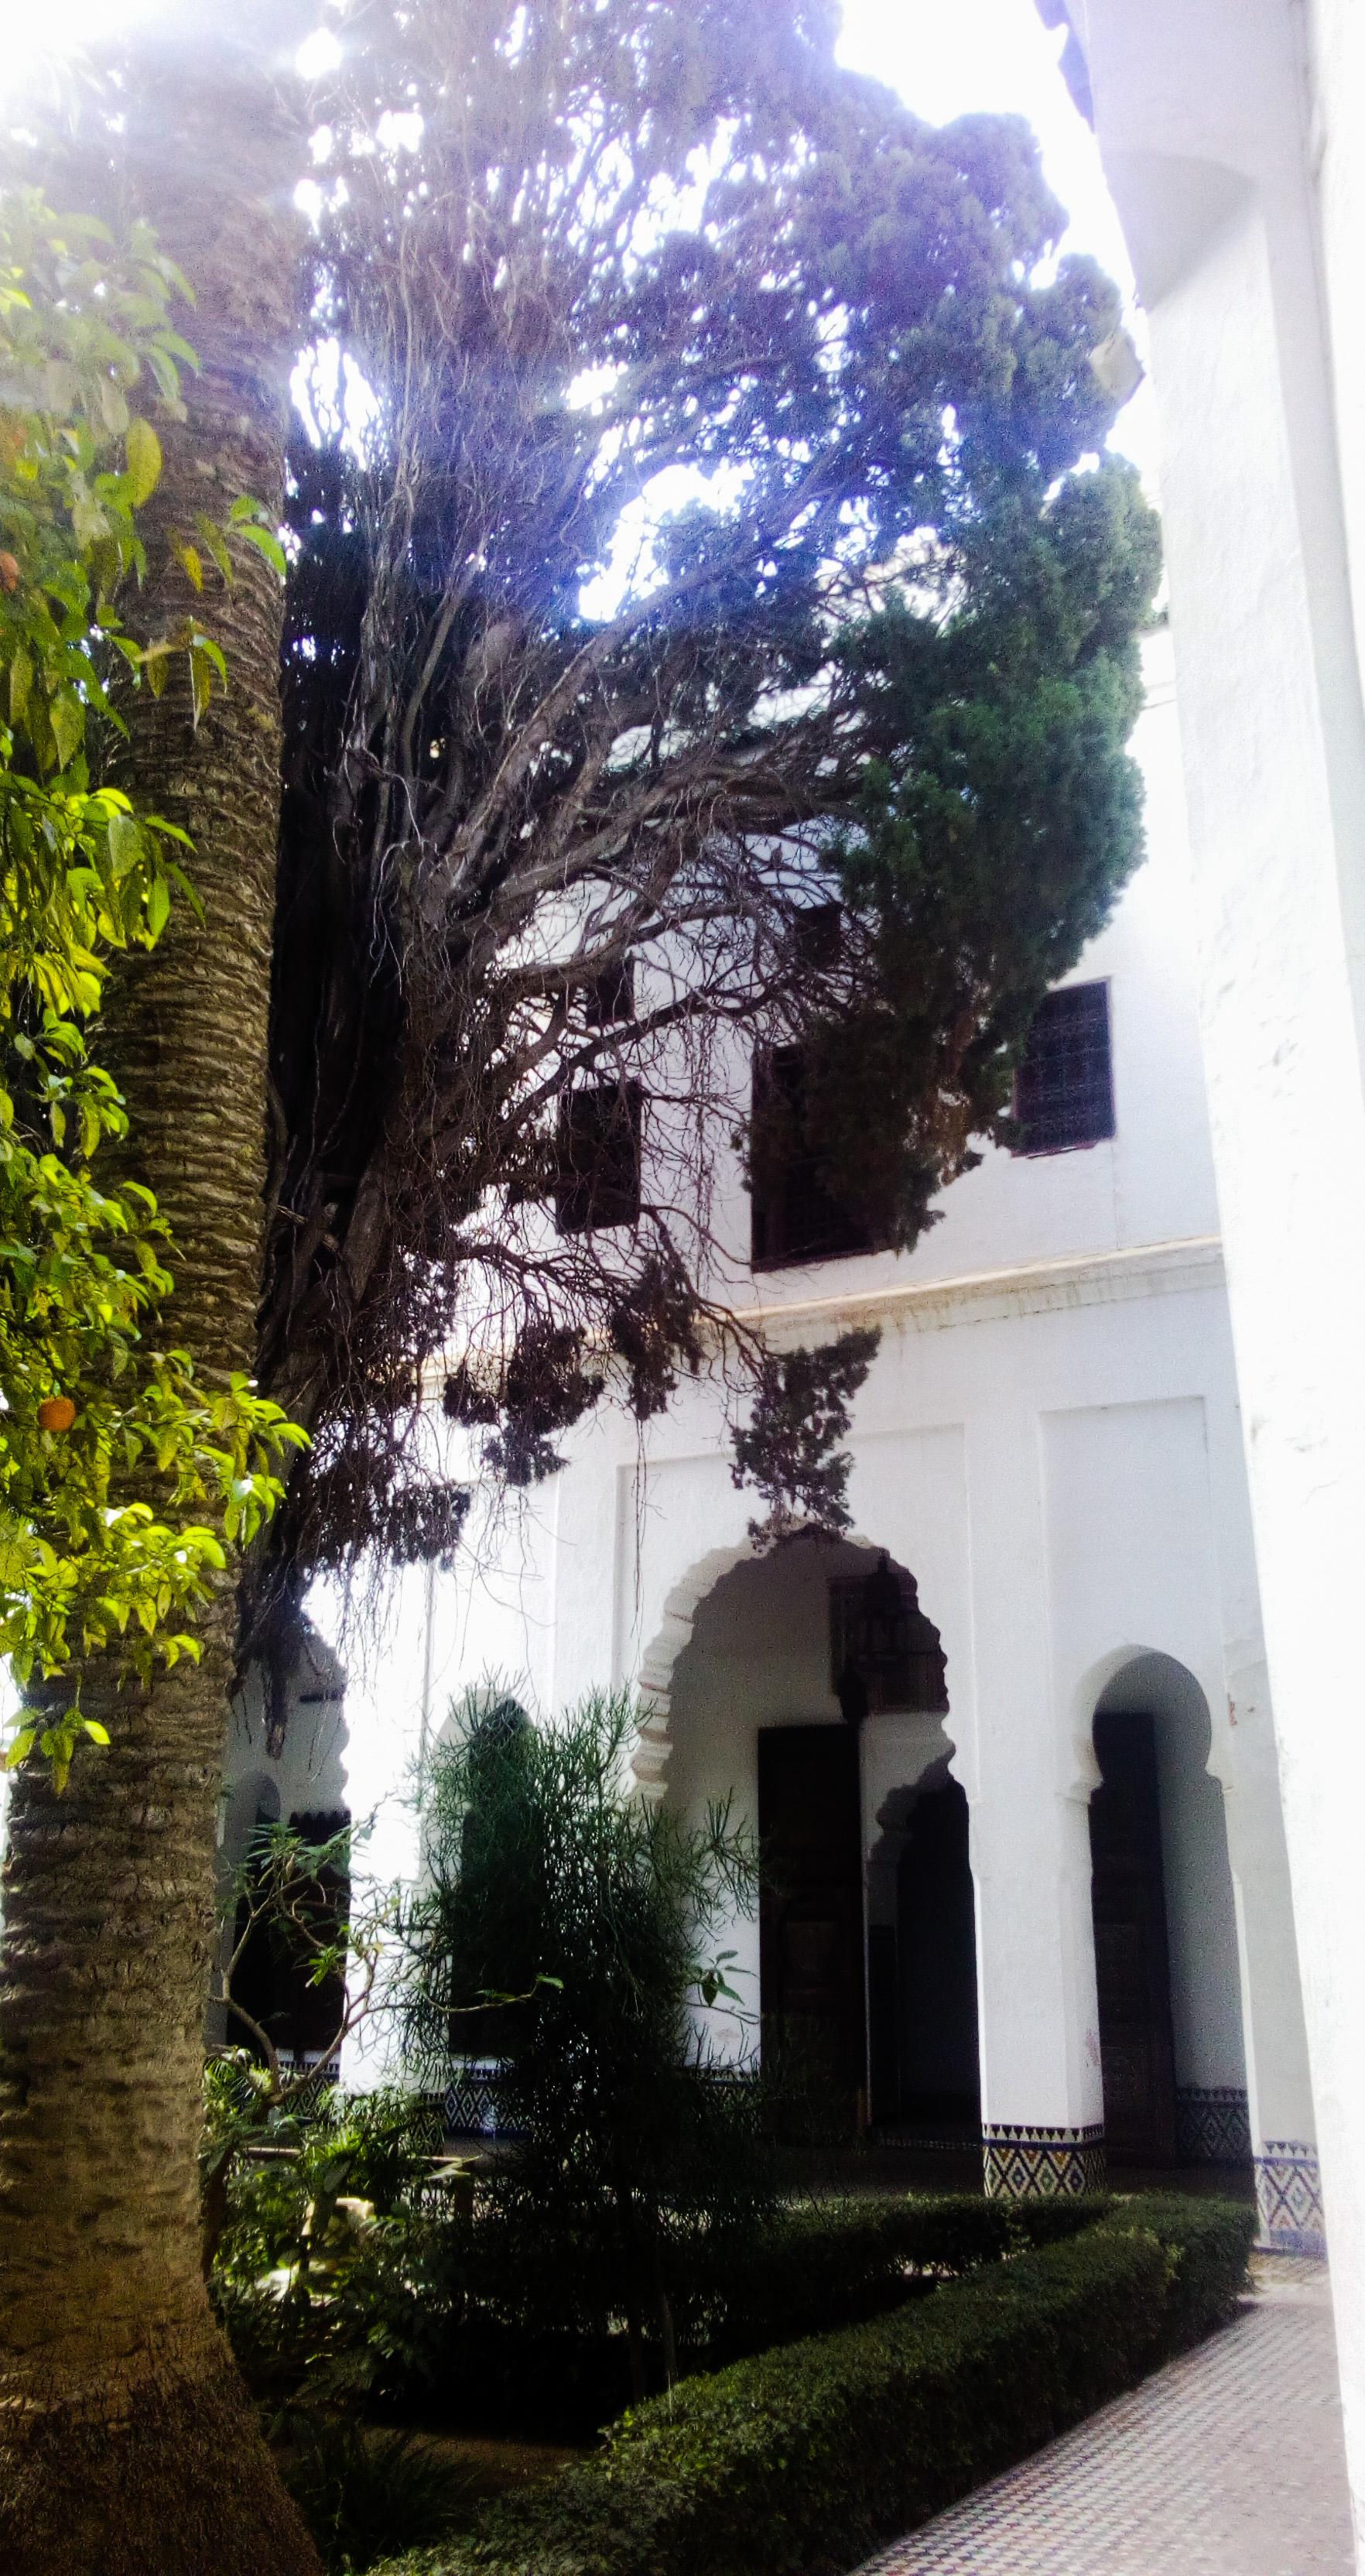 Image du jardin dans le musée Dar Jamai